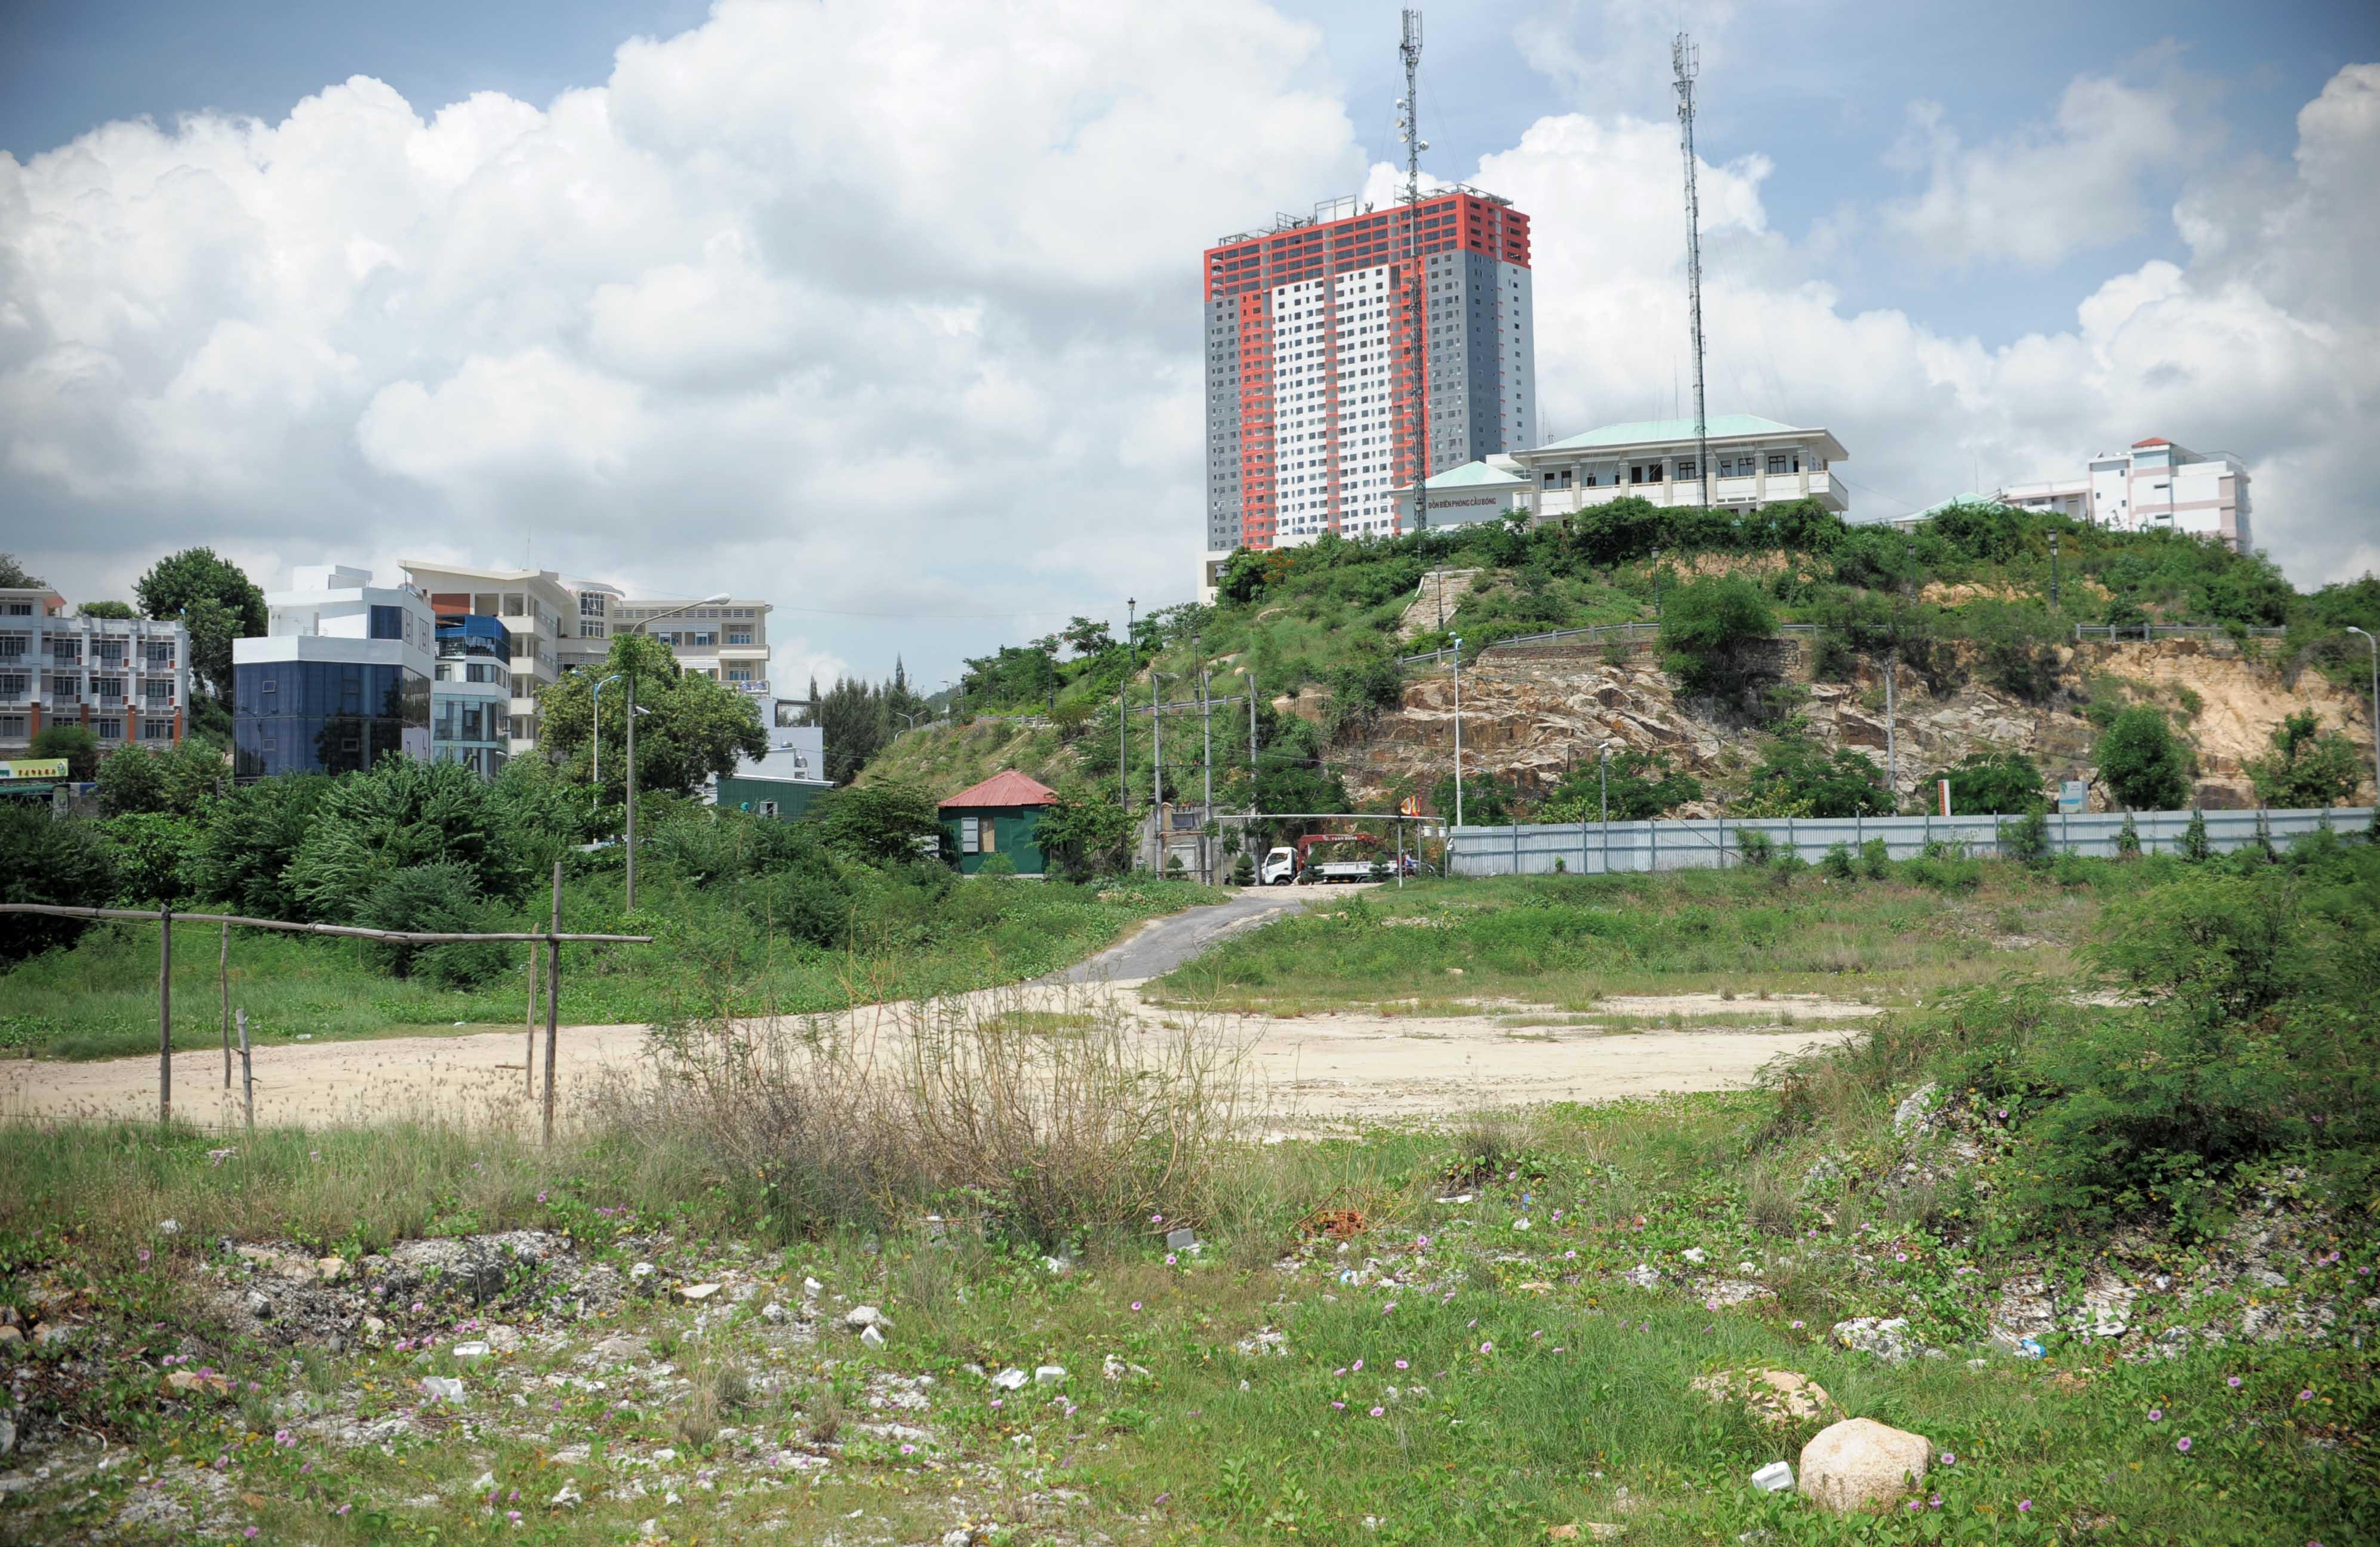 Nha Trang sẽ cưỡng chế thu hồi đất tại Dự án Công viên văn hóa, giải trí, thể thao Nha Trang Sao - Ảnh 3.